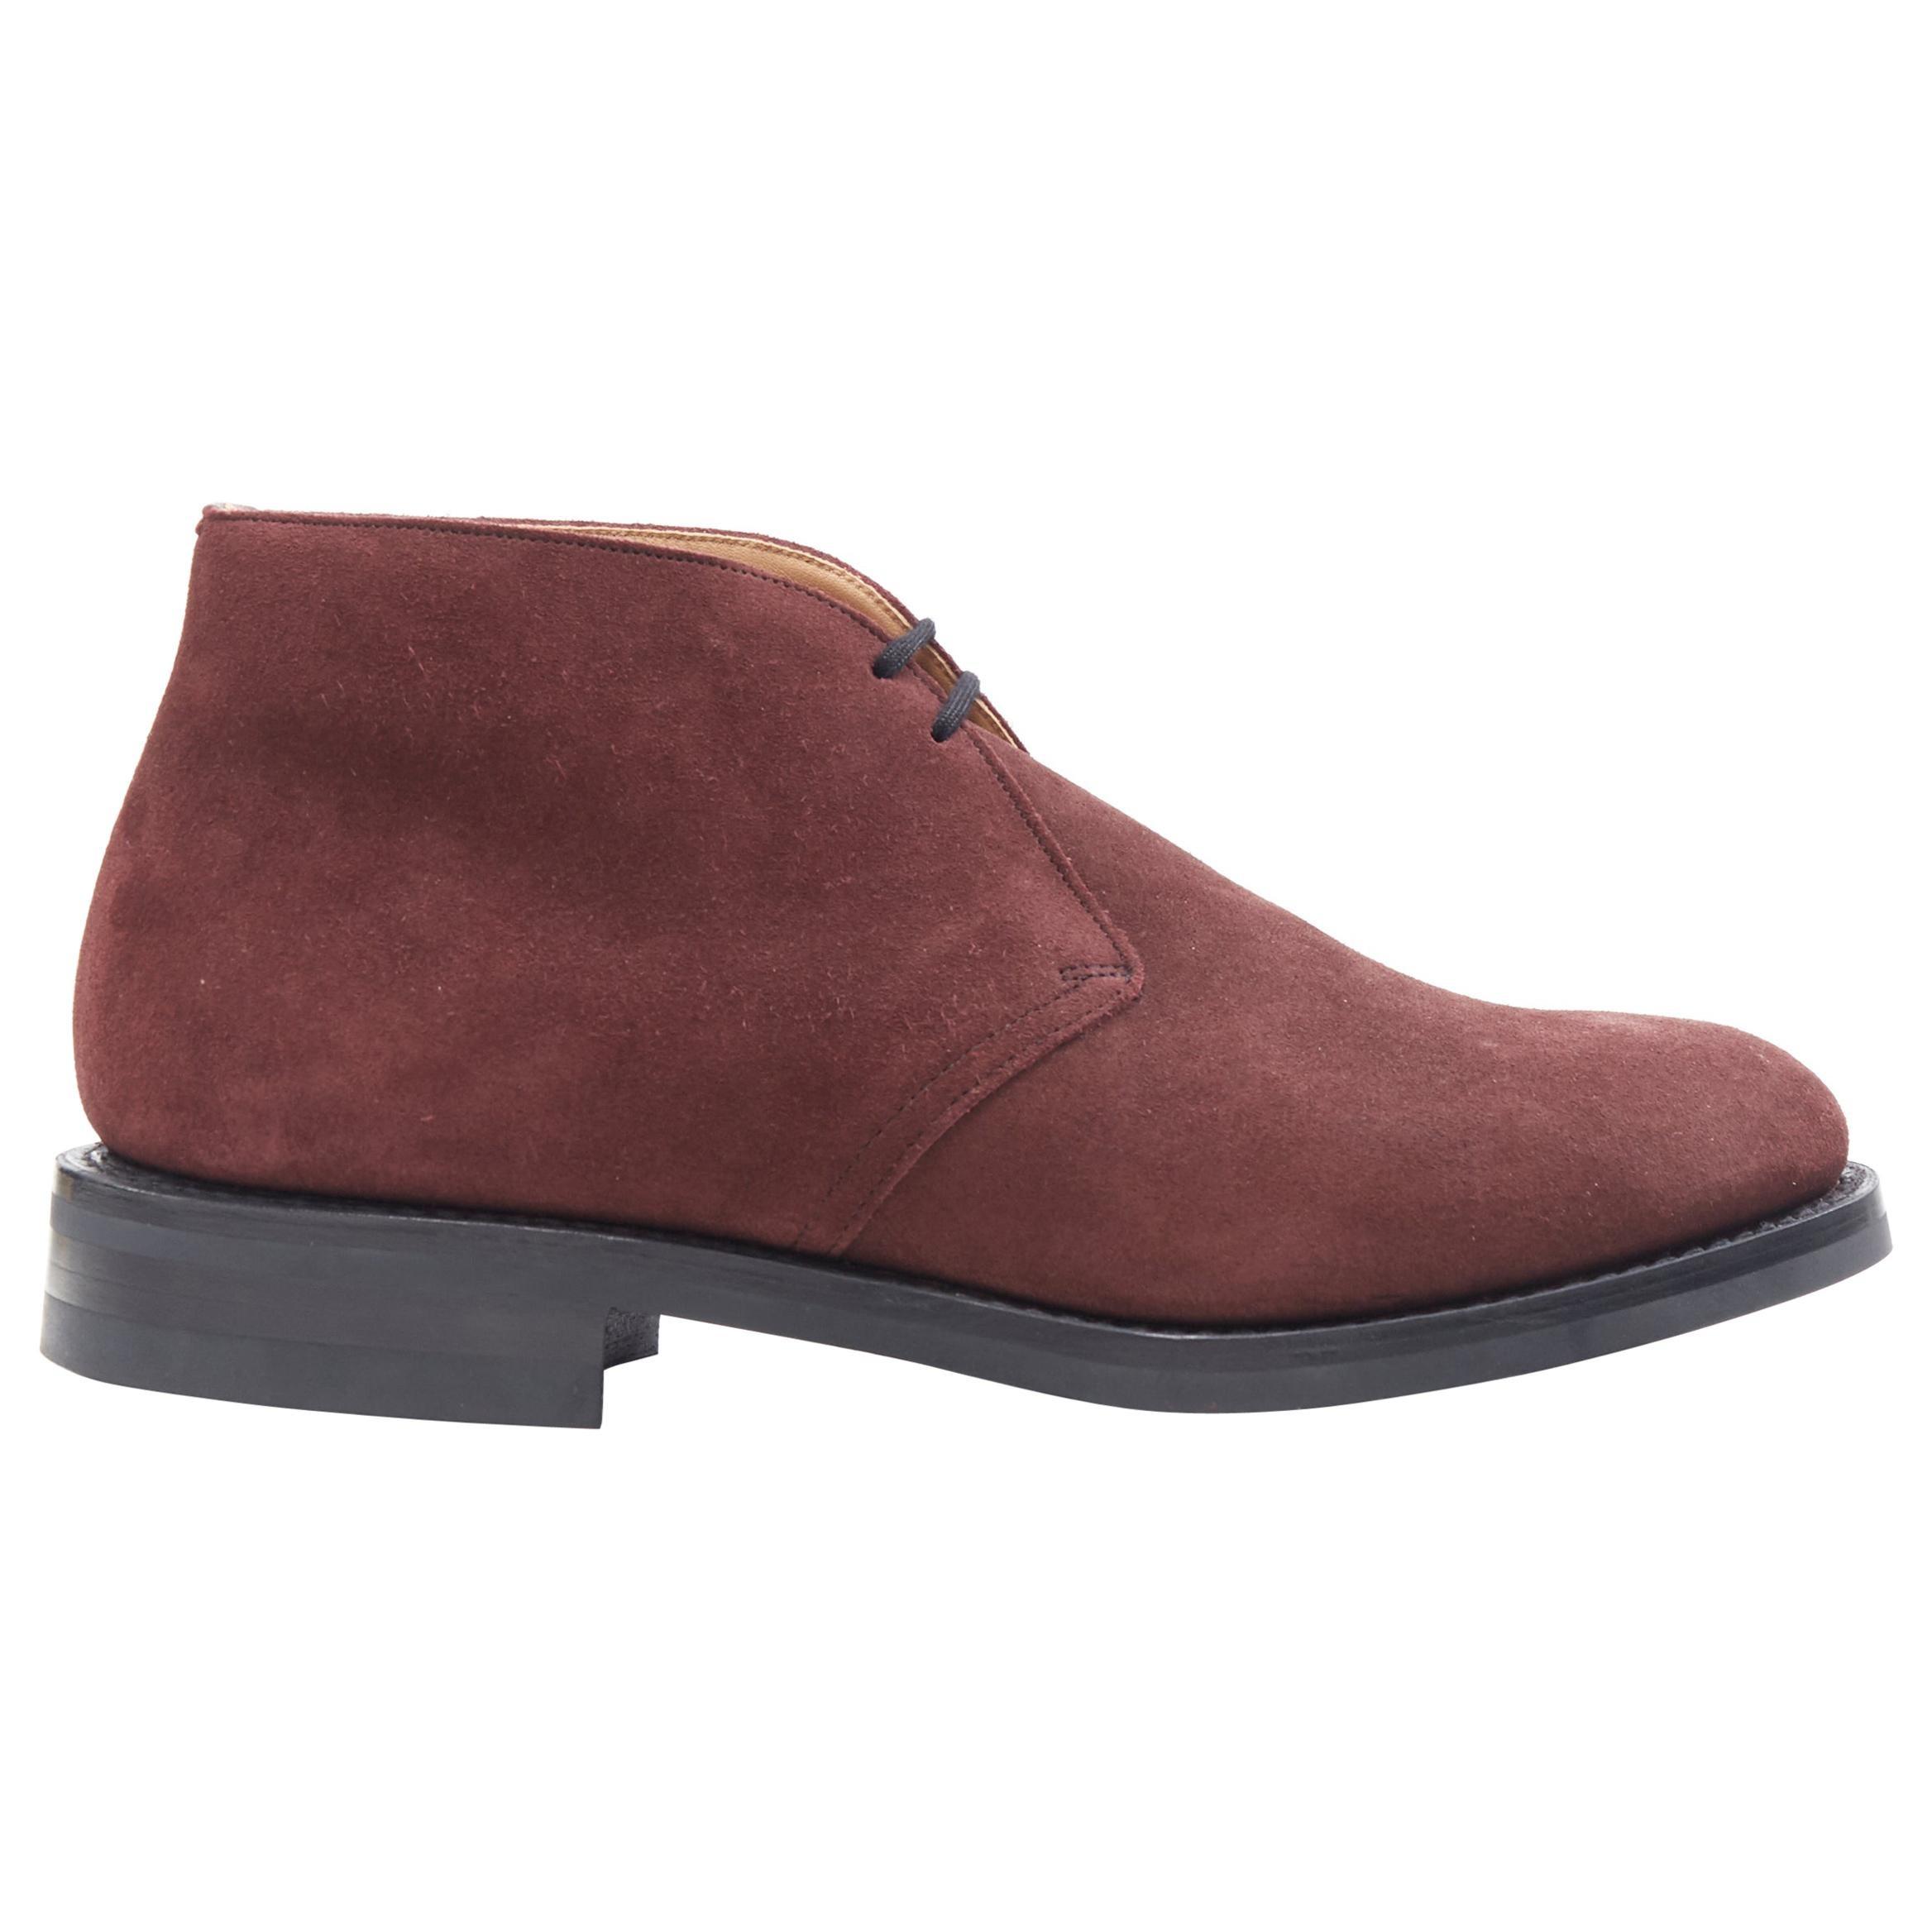 new CHURCH'S Ryder 3 Castoro burgundy red suede chukka desert boots UK8 EU42